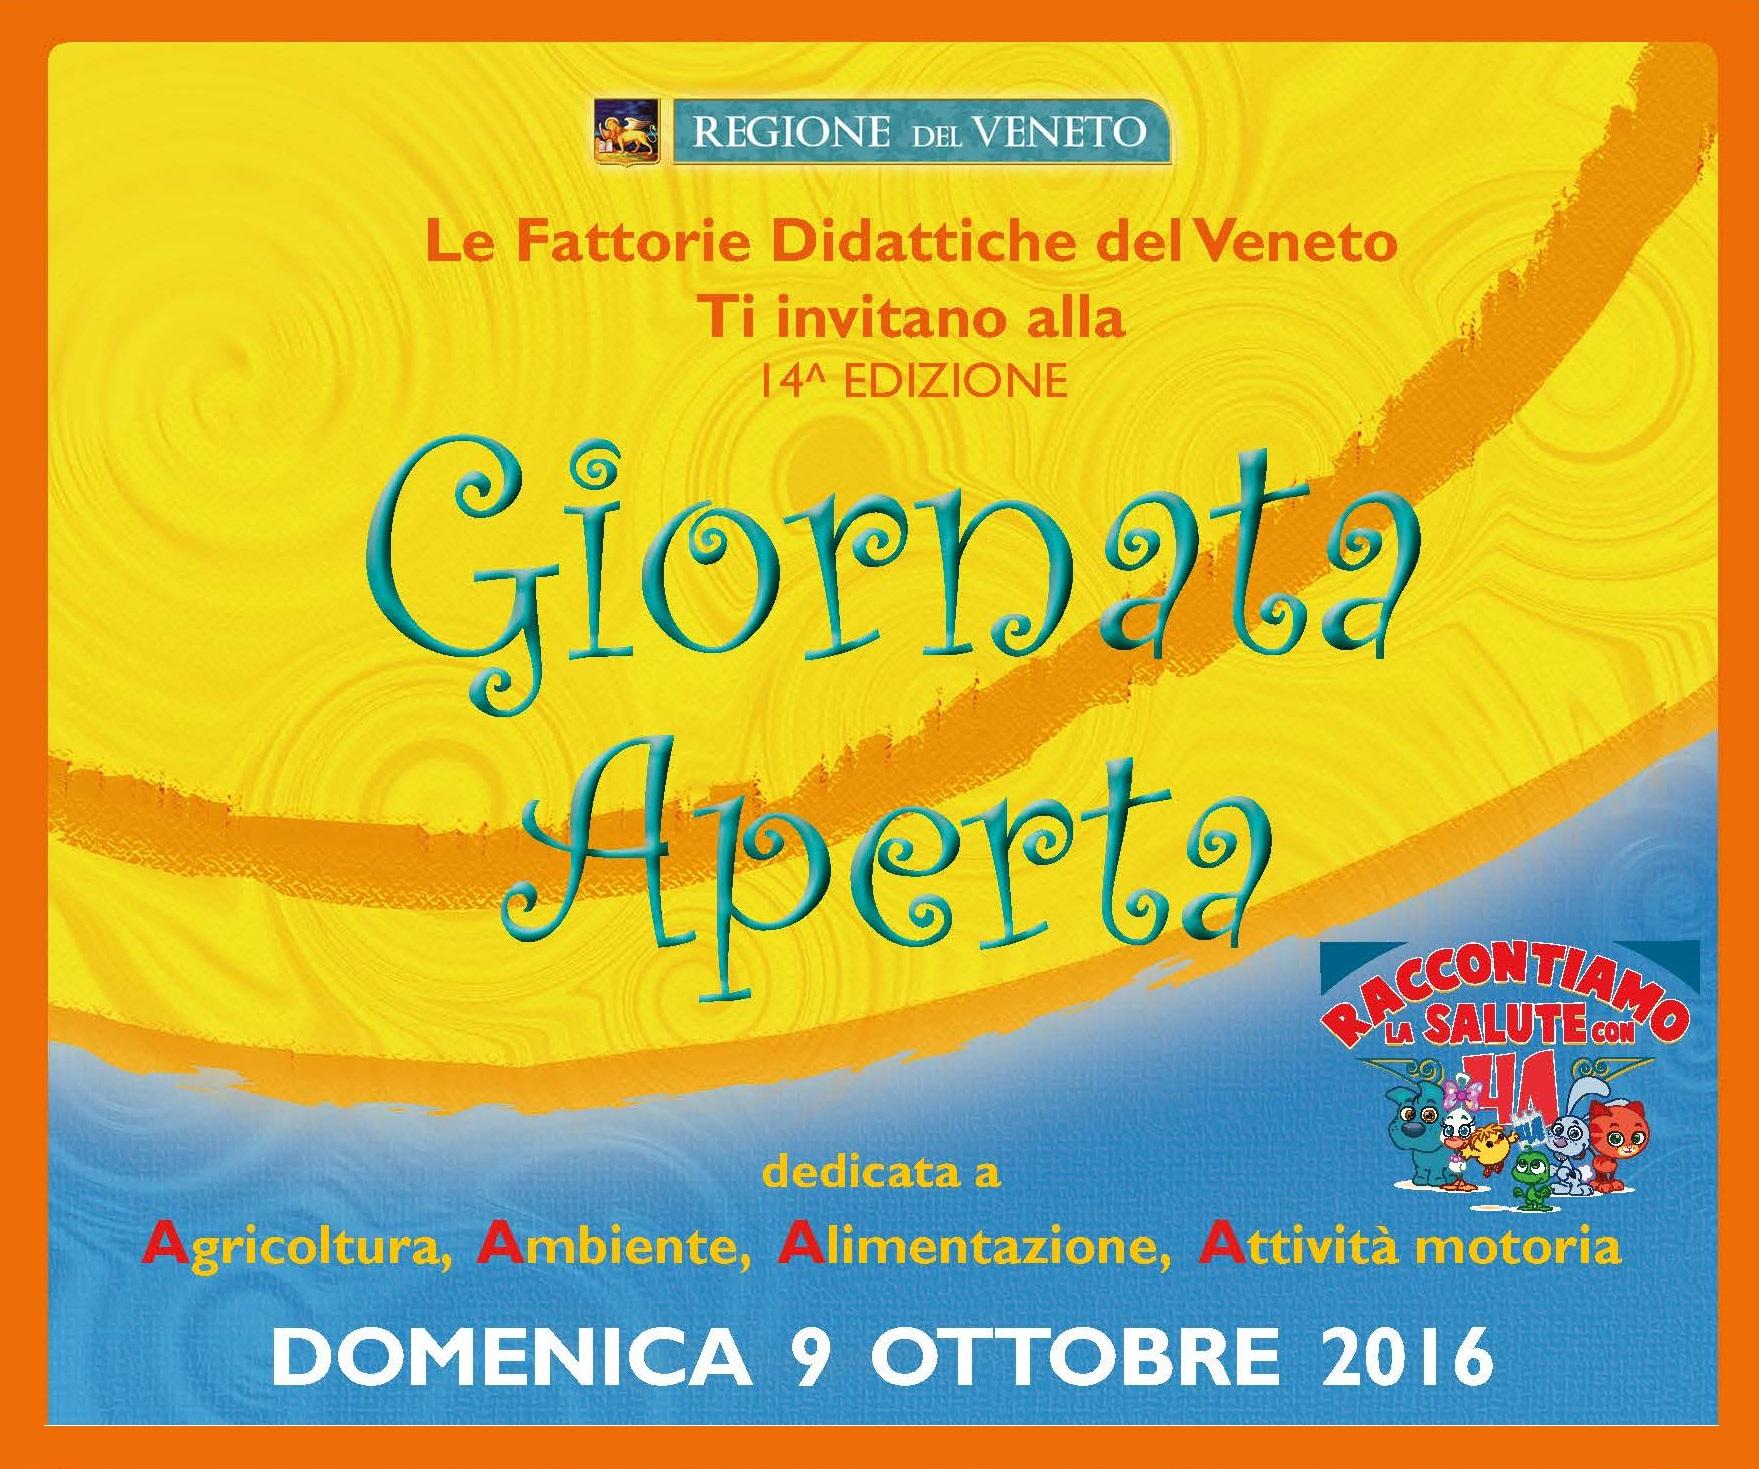 Tornano le Fattorie Didattiche Aperte in Veneto domenica 9 ottobre